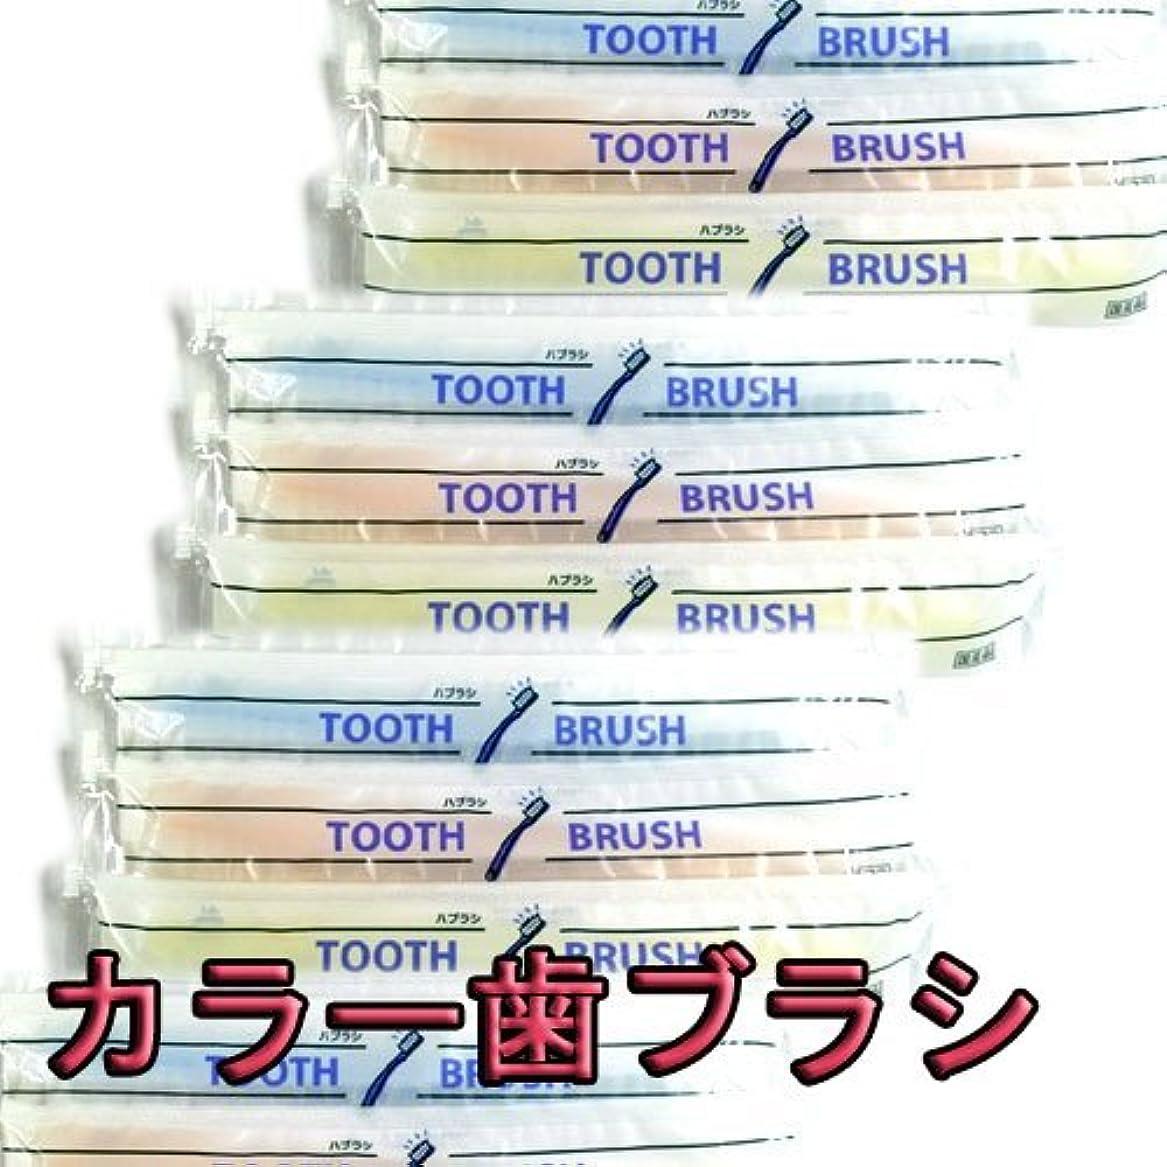 彼らのもの噛むの使い捨て(インスタント) 粉付き歯ブラシ(10本組)(旅行用?お客様用に) 増量中 日本製